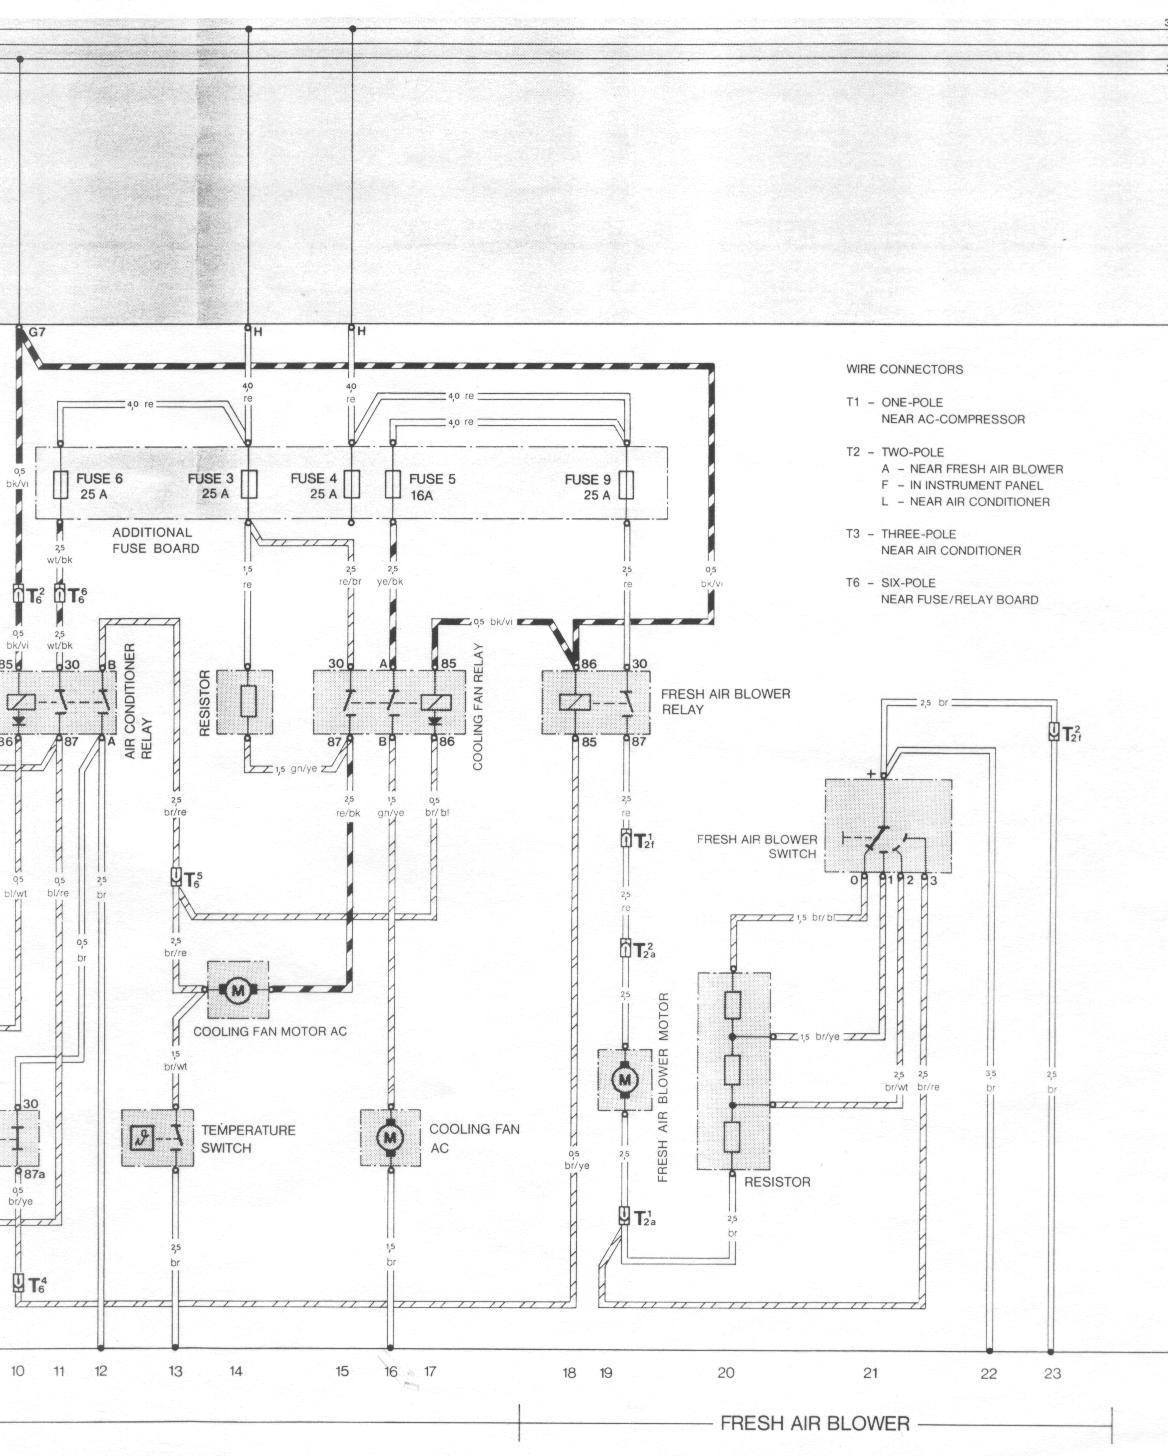 Kaufberatung & Fehlersuche Porsche 924 & 944 - Schaltpläne